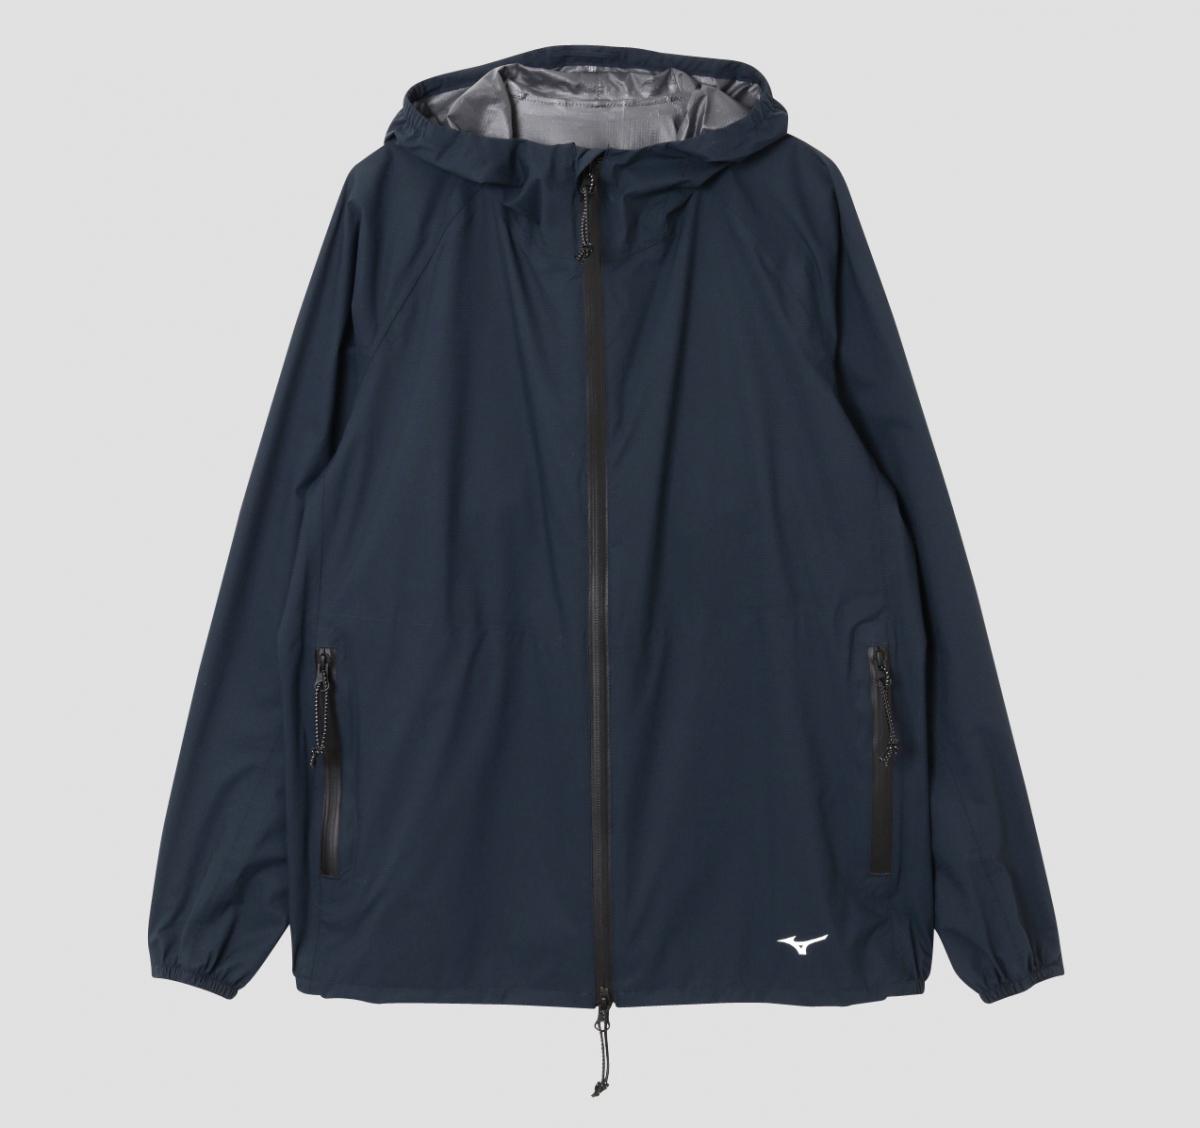 ジャケット(メンズ)¥36,000、(ウィメンズ)¥36,000/アングローバル (マーガレット・ハウエル × ミズノ)